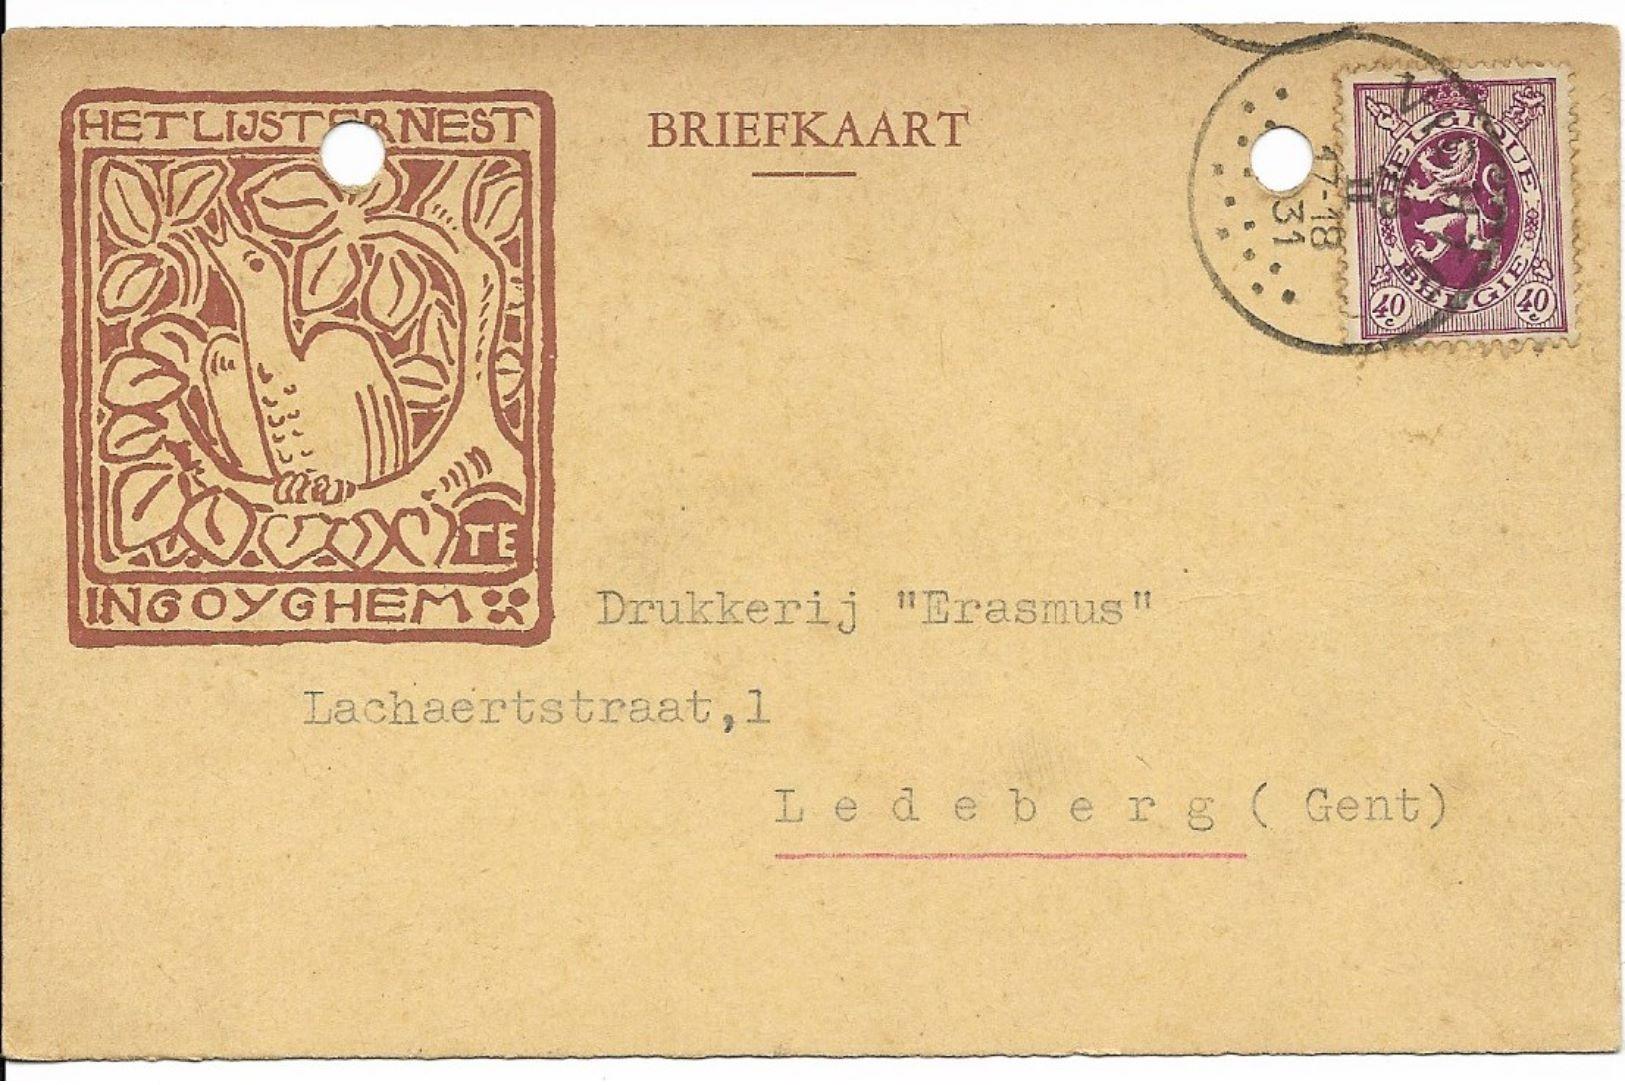 Briefkaart Van 1931 Van STIJN STREUVELS Met Het Lijsternest; Met Archiefgaten - Historische Documenten